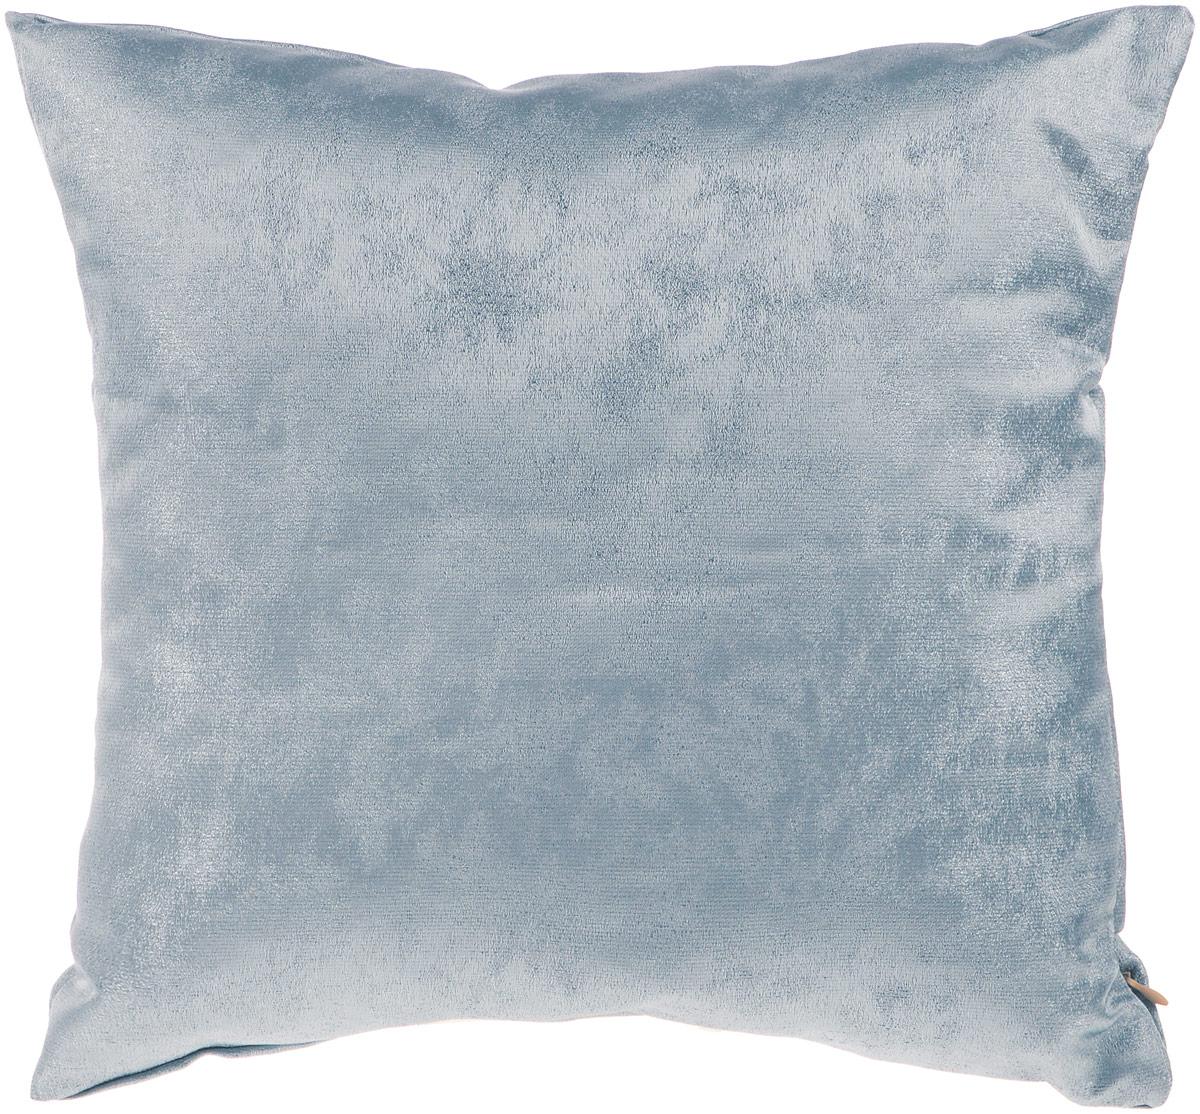 Подушка декоративная KauffOrt Магия, цвет: серо-синий, 40 x 40 см3121909645Декоративная подушка Магия прекрасно дополнит интерьер спальни или гостиной. Приятный на ощупь чехол подушки выполнен из полиэстера. Внутри находится мягкий наполнитель. Чехол легко снимается благодаря потайной молнии в тон ткани.Красивая подушка создаст атмосферу уюта и комфорта в спальне и станет прекрасным элементом декора.